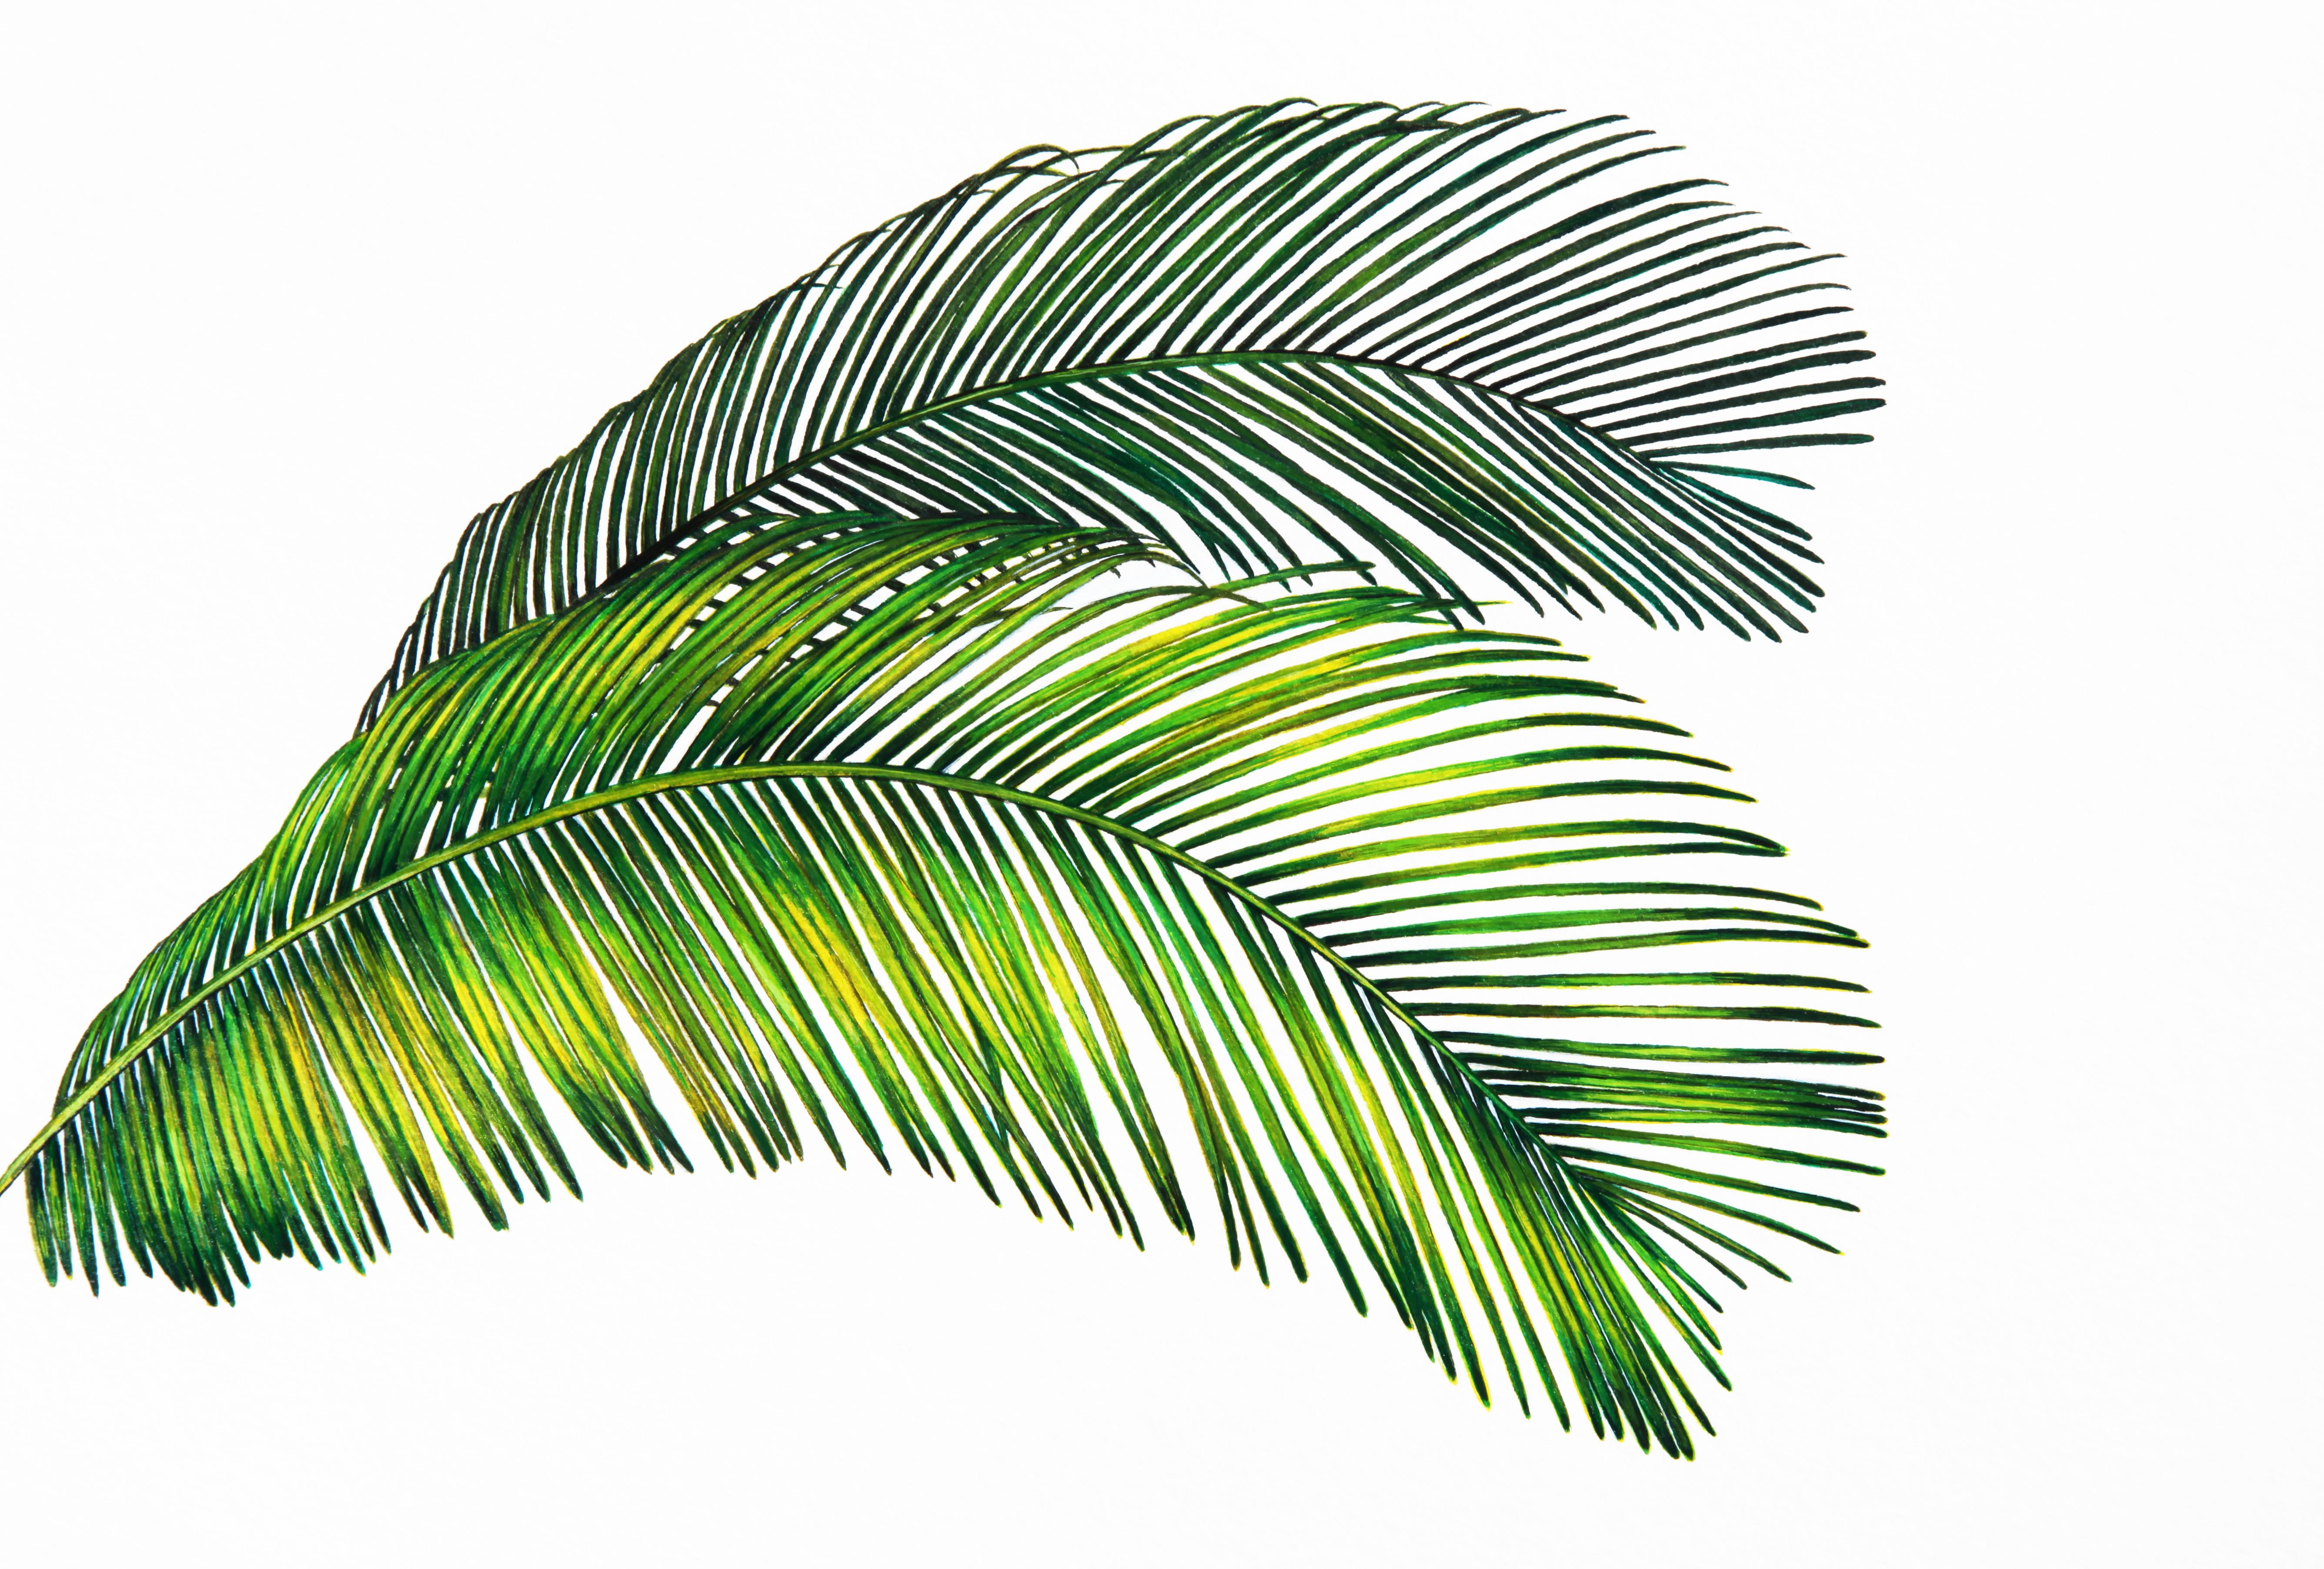 Images Gratuites Tropical Vert Deux Paume Feuilles La